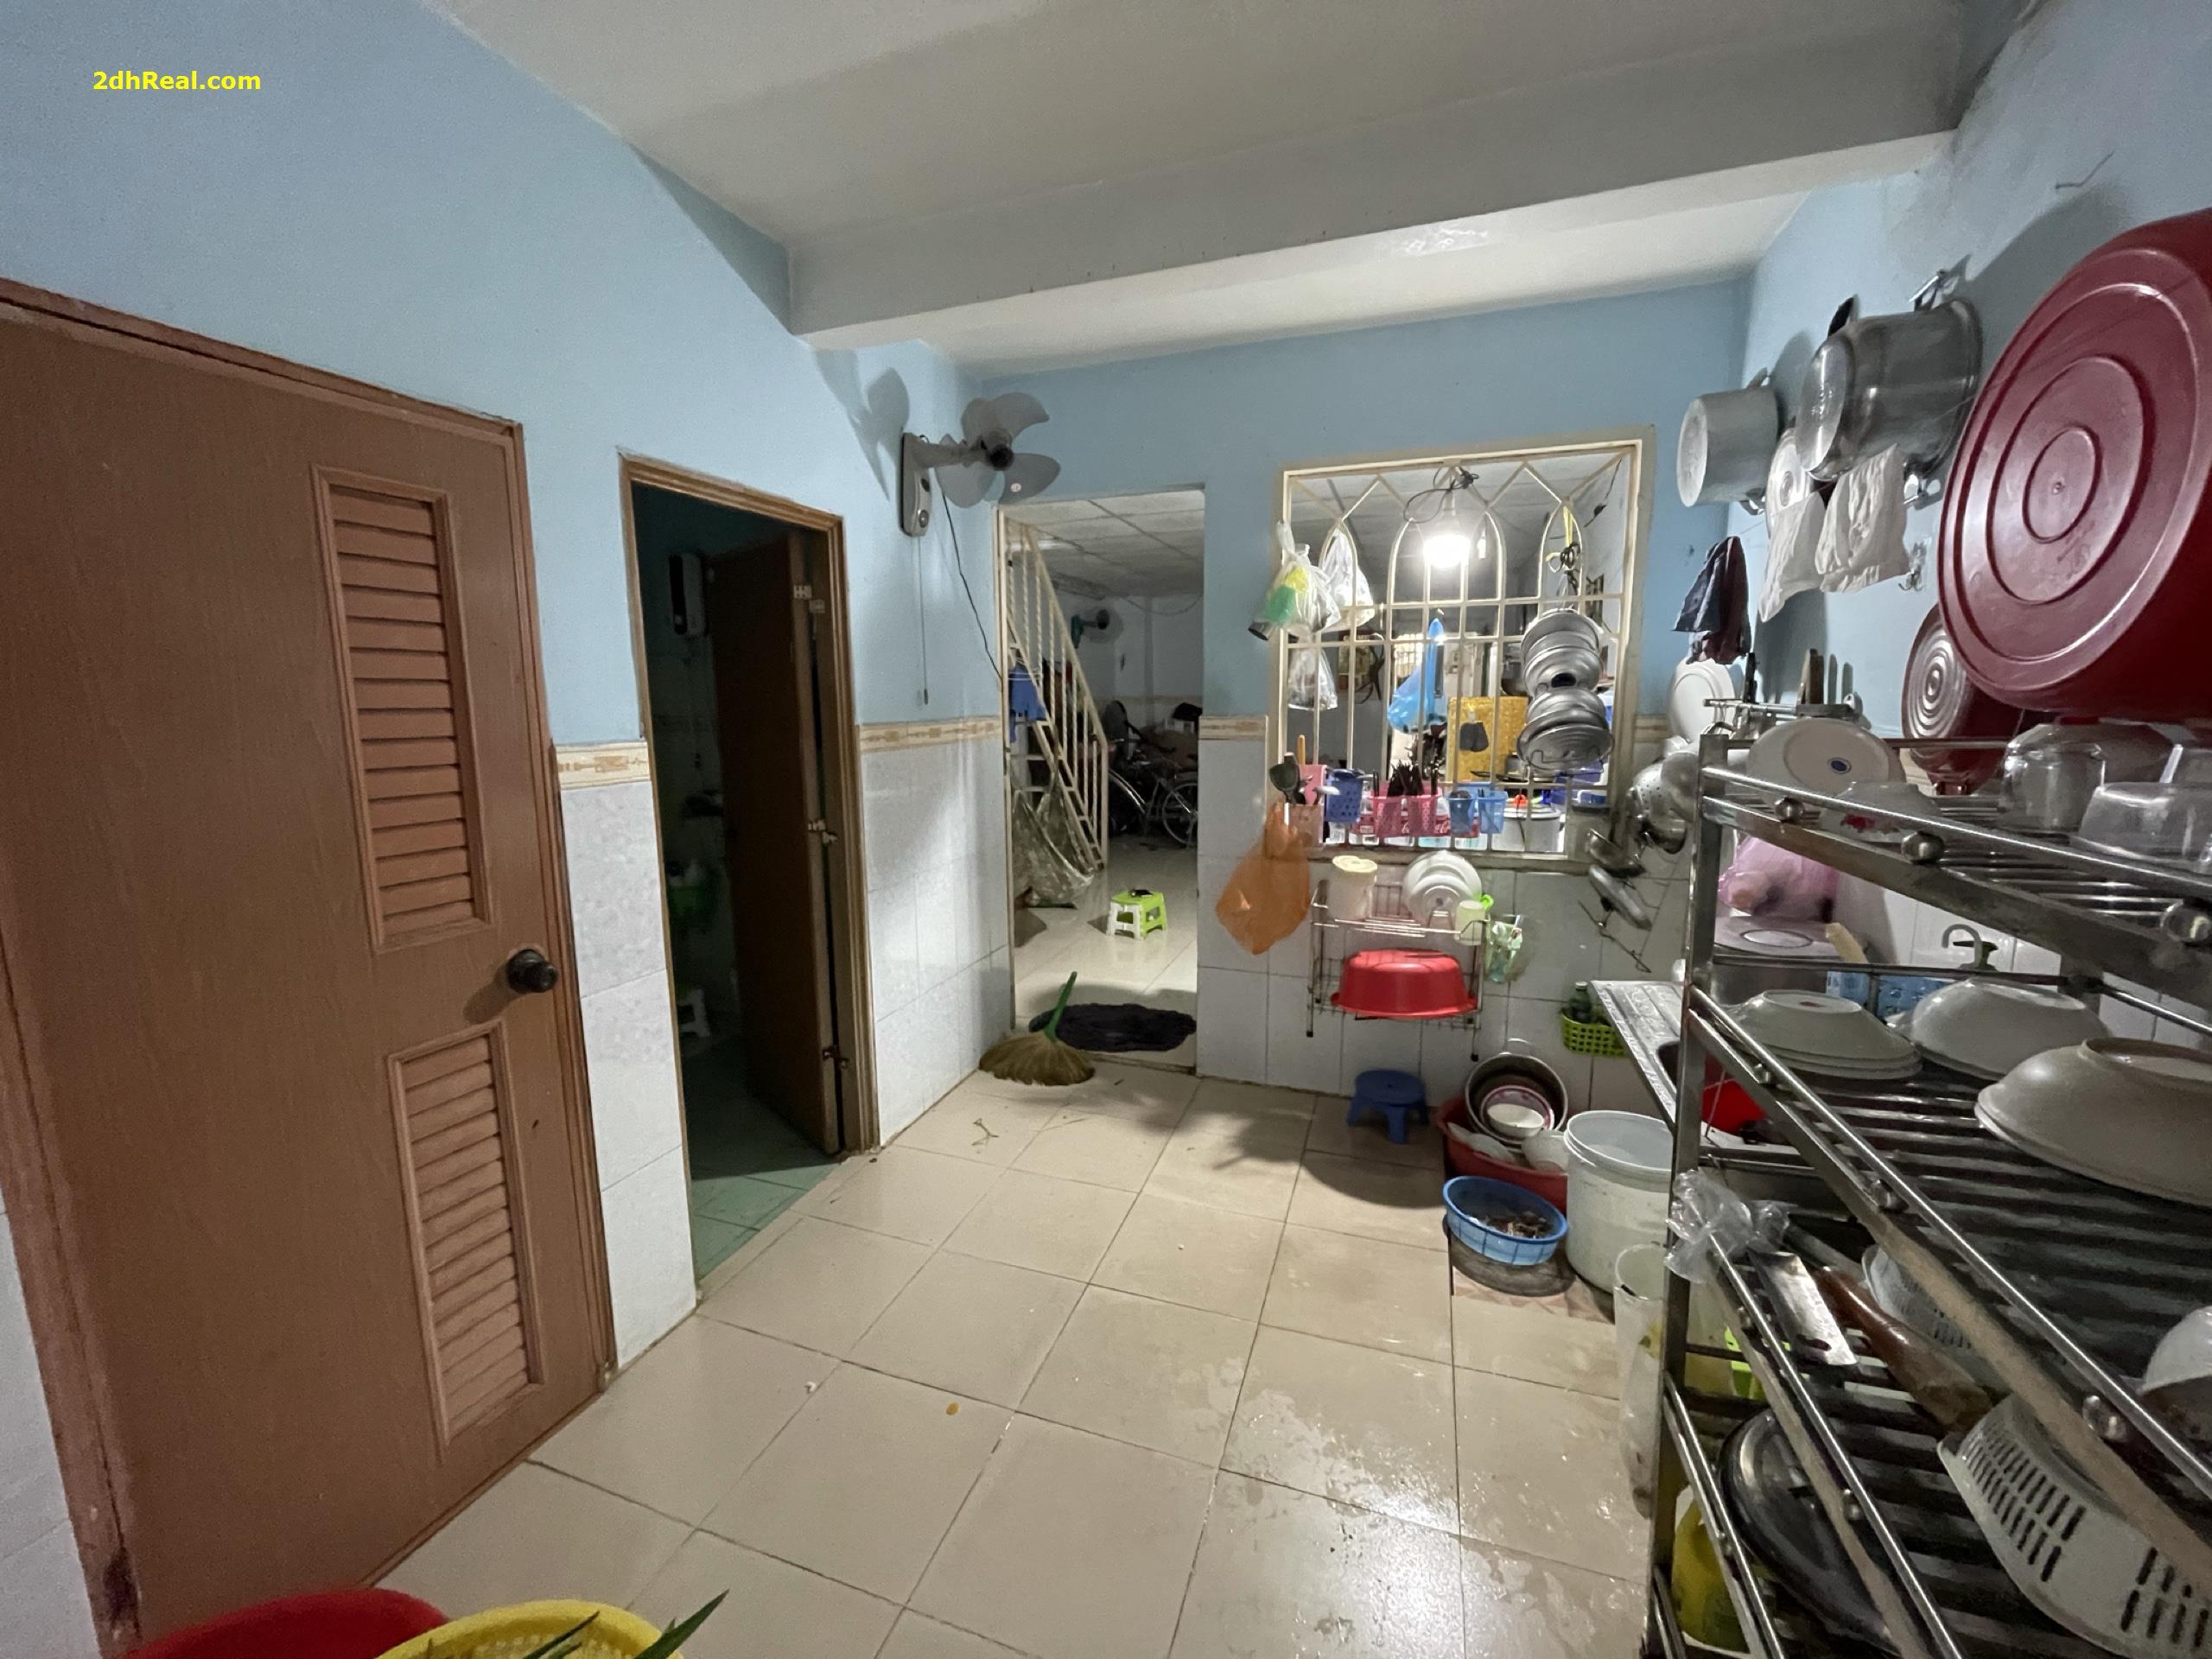 Bán căn nhà mặt tiềnsố p244 đường N12 khu D2D phường thống nhất biên hoà 5tỷ